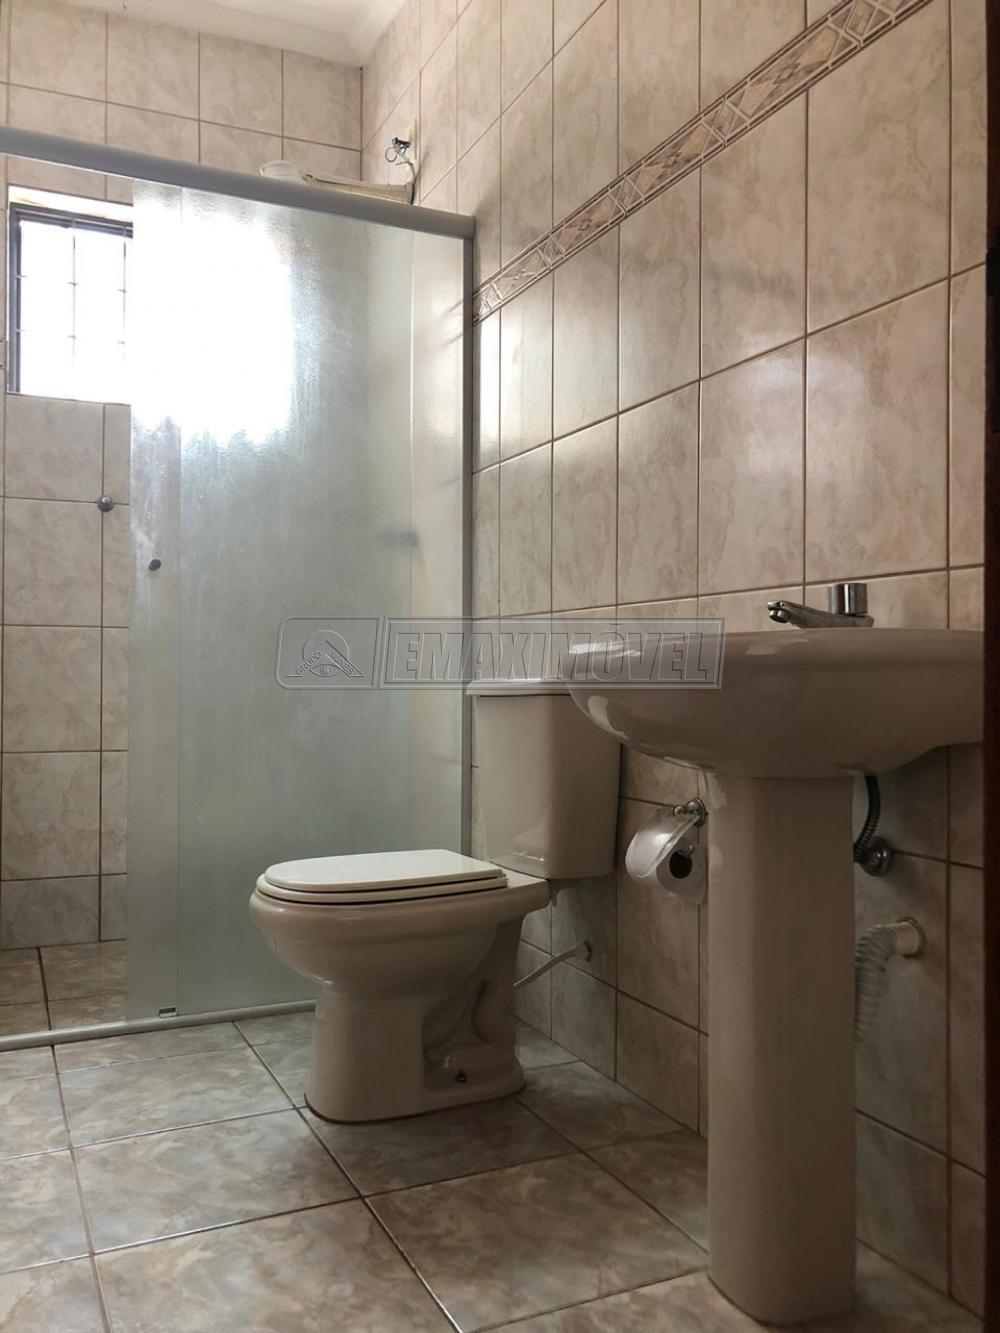 Comprar Casas / em Bairros em Sorocaba apenas R$ 340.000,00 - Foto 12